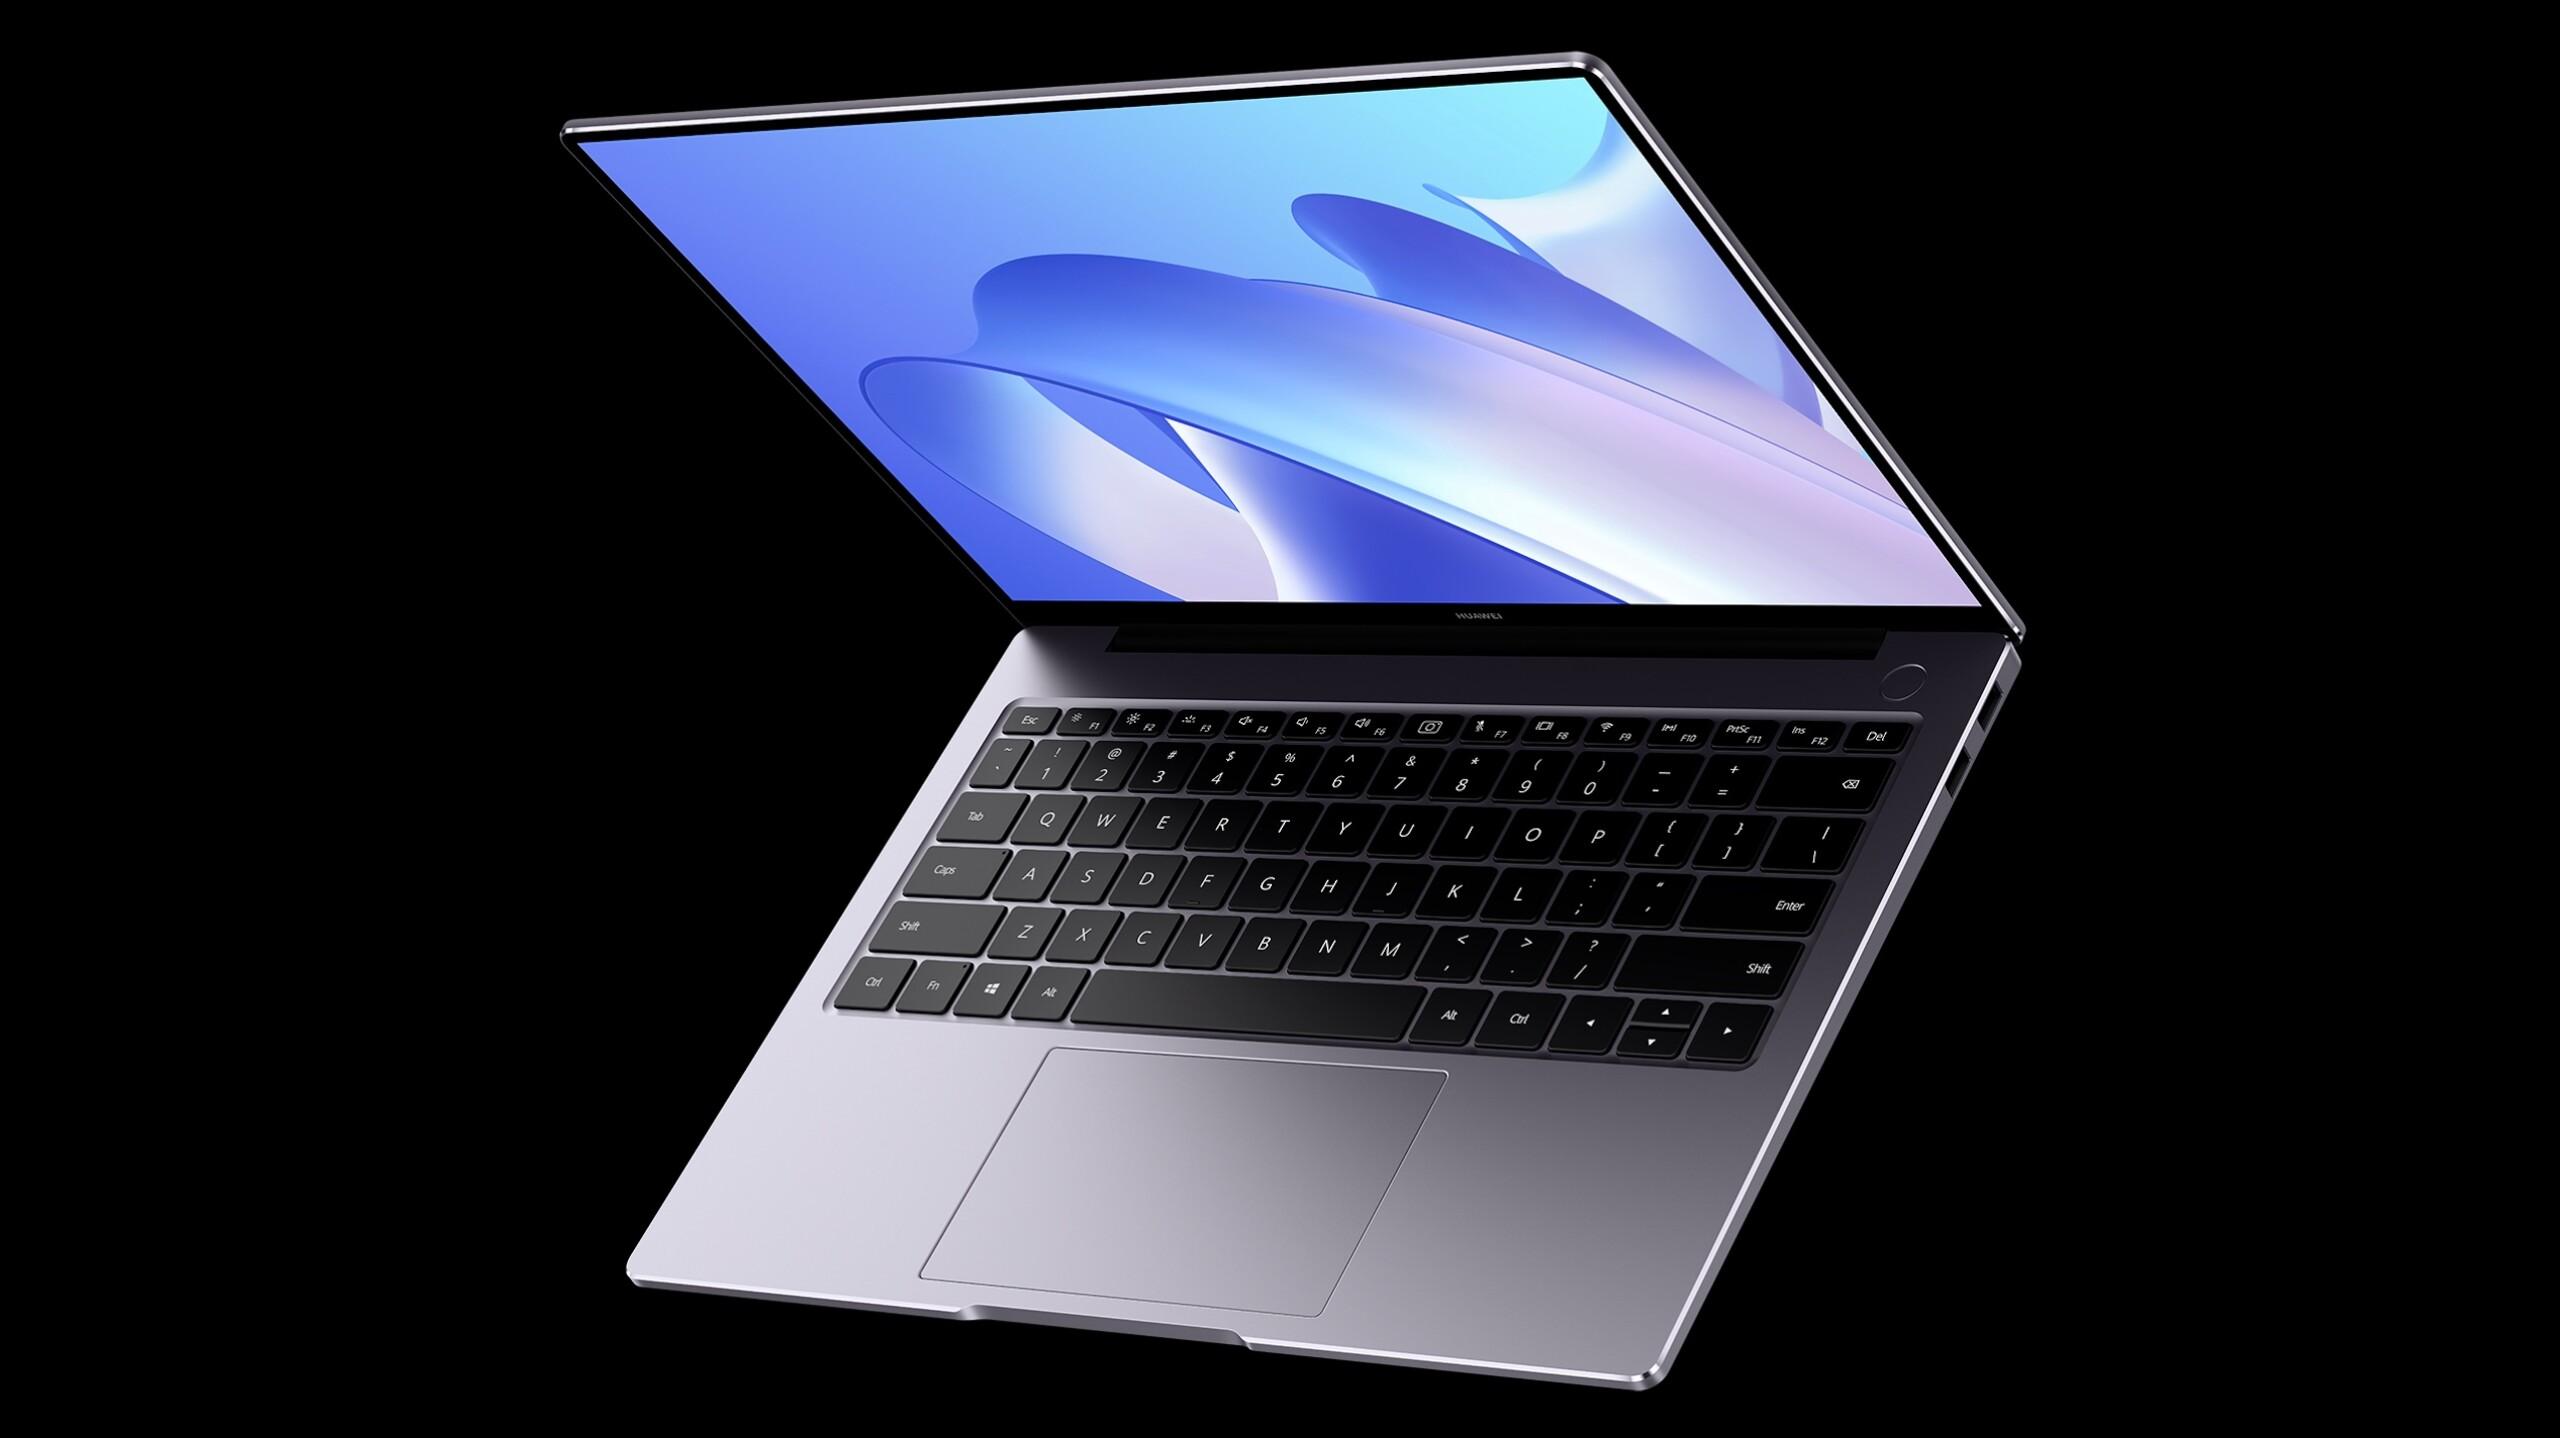 Huawei annonce son nouveau MateBook 14, avec une recette qui change peu mais de nouveaux processeurs